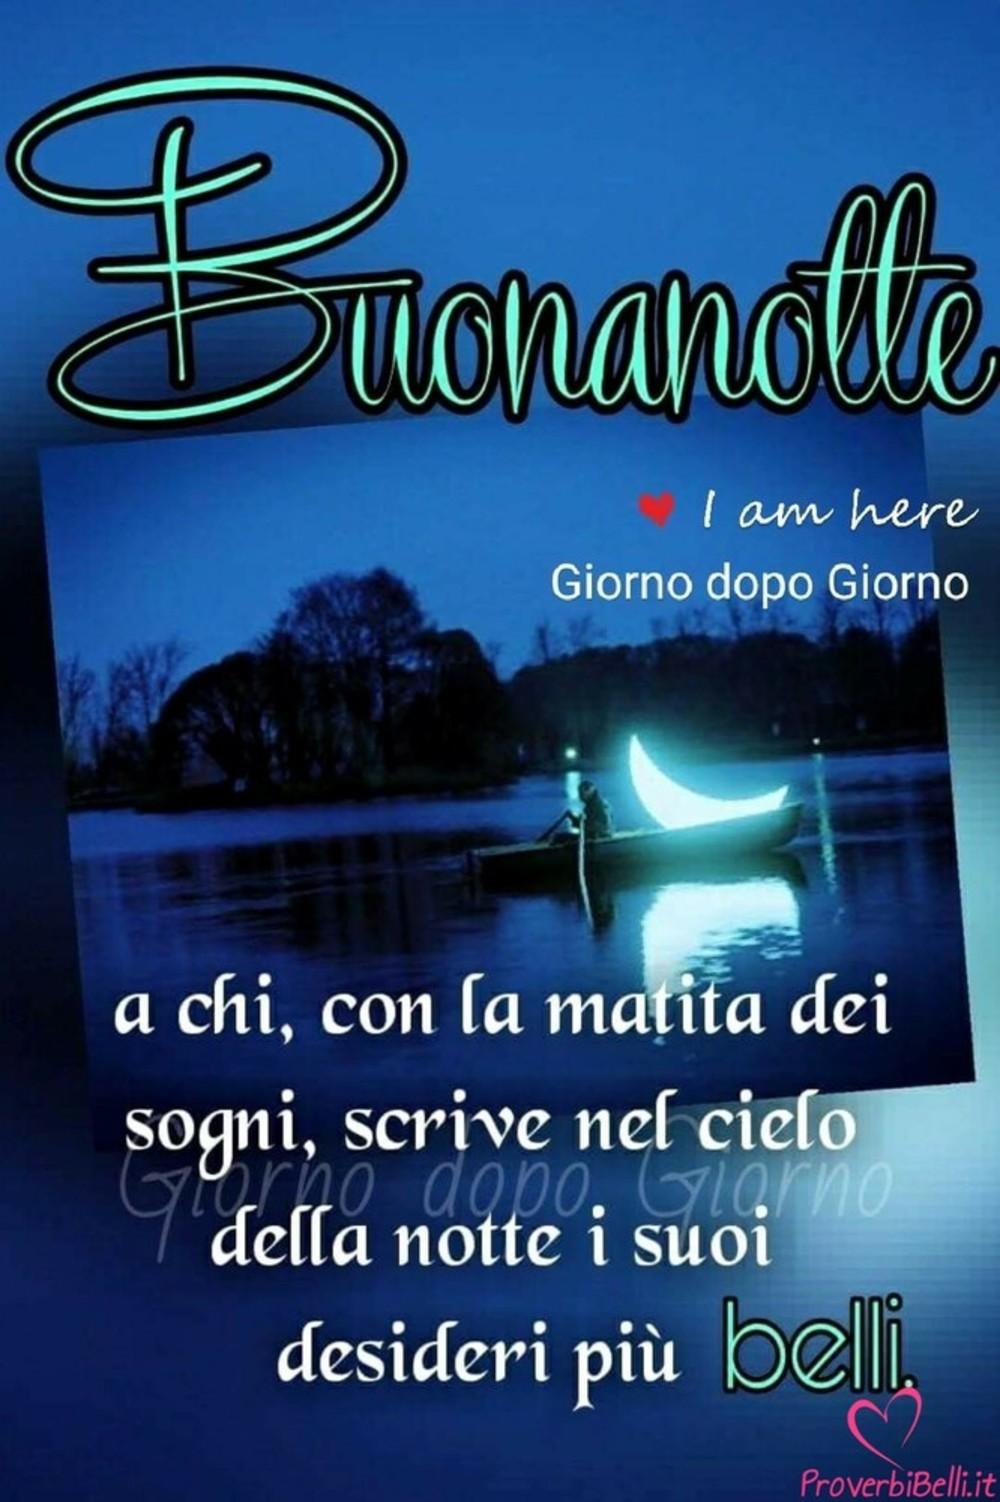 1463 Immagini E Frasi Di Buonanotte Pagina 27